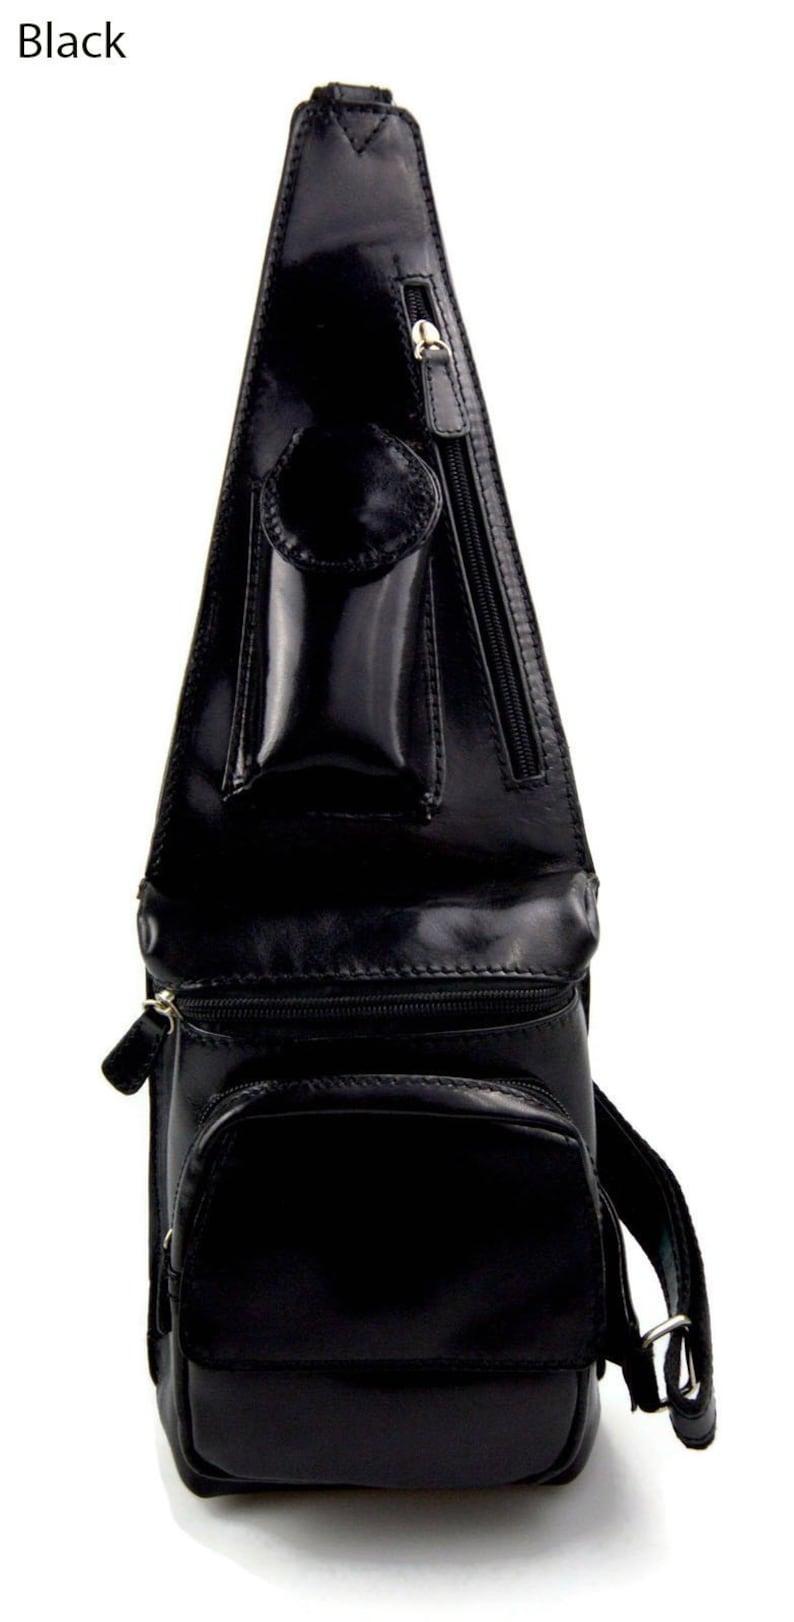 02243db3eca1 Mens waist leather bag shoulder bag travel bag sling backpack